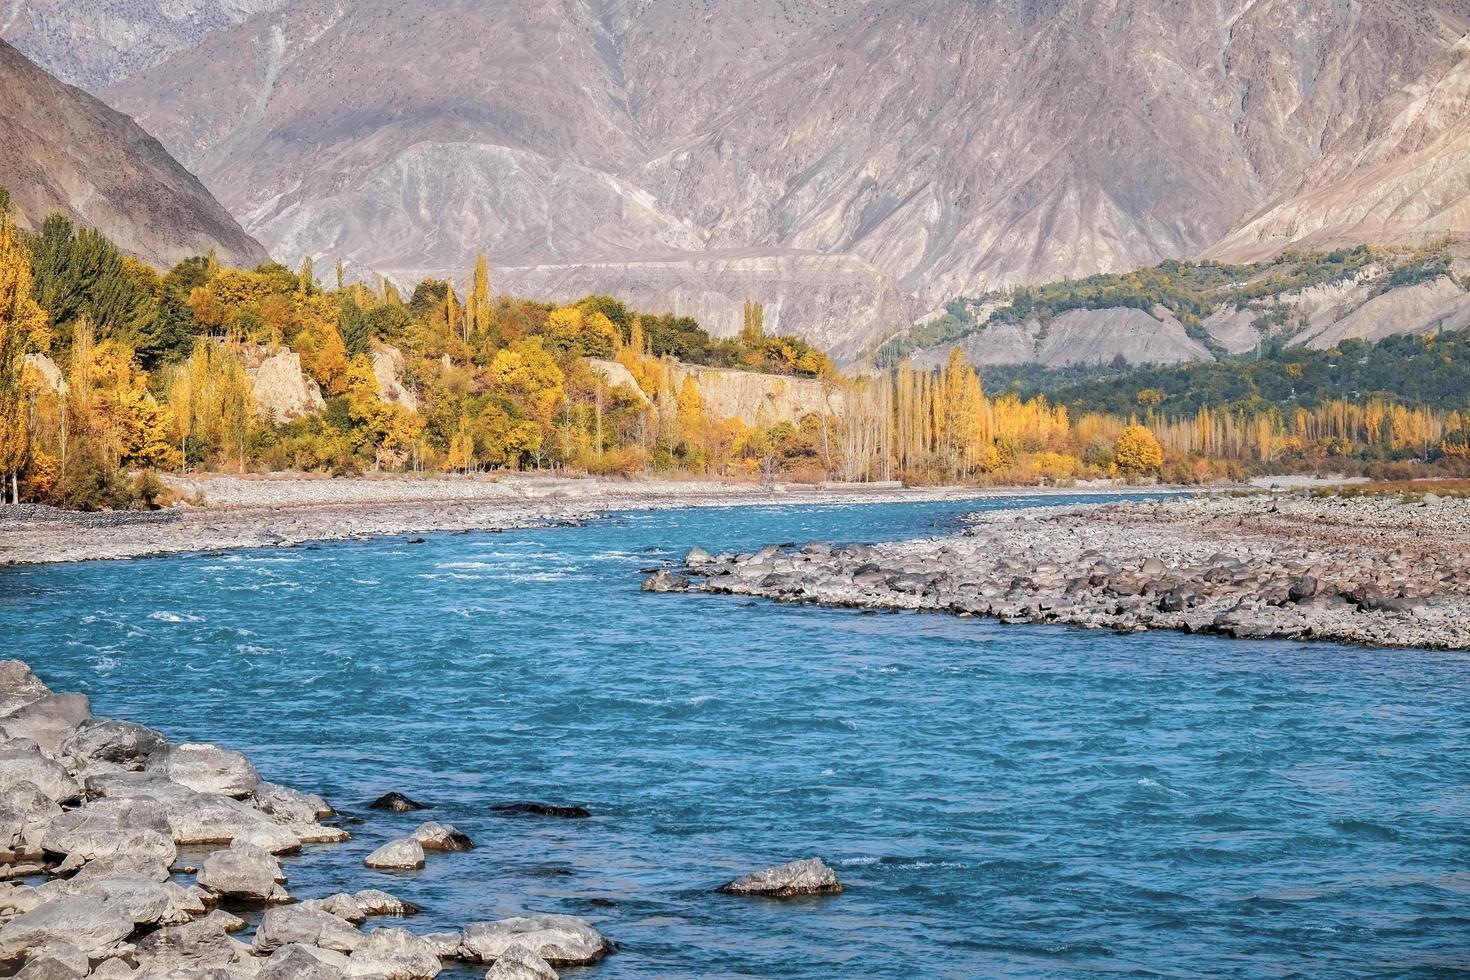 fiume Gilgit che scorre attraverso Gupis, Pakistan foto